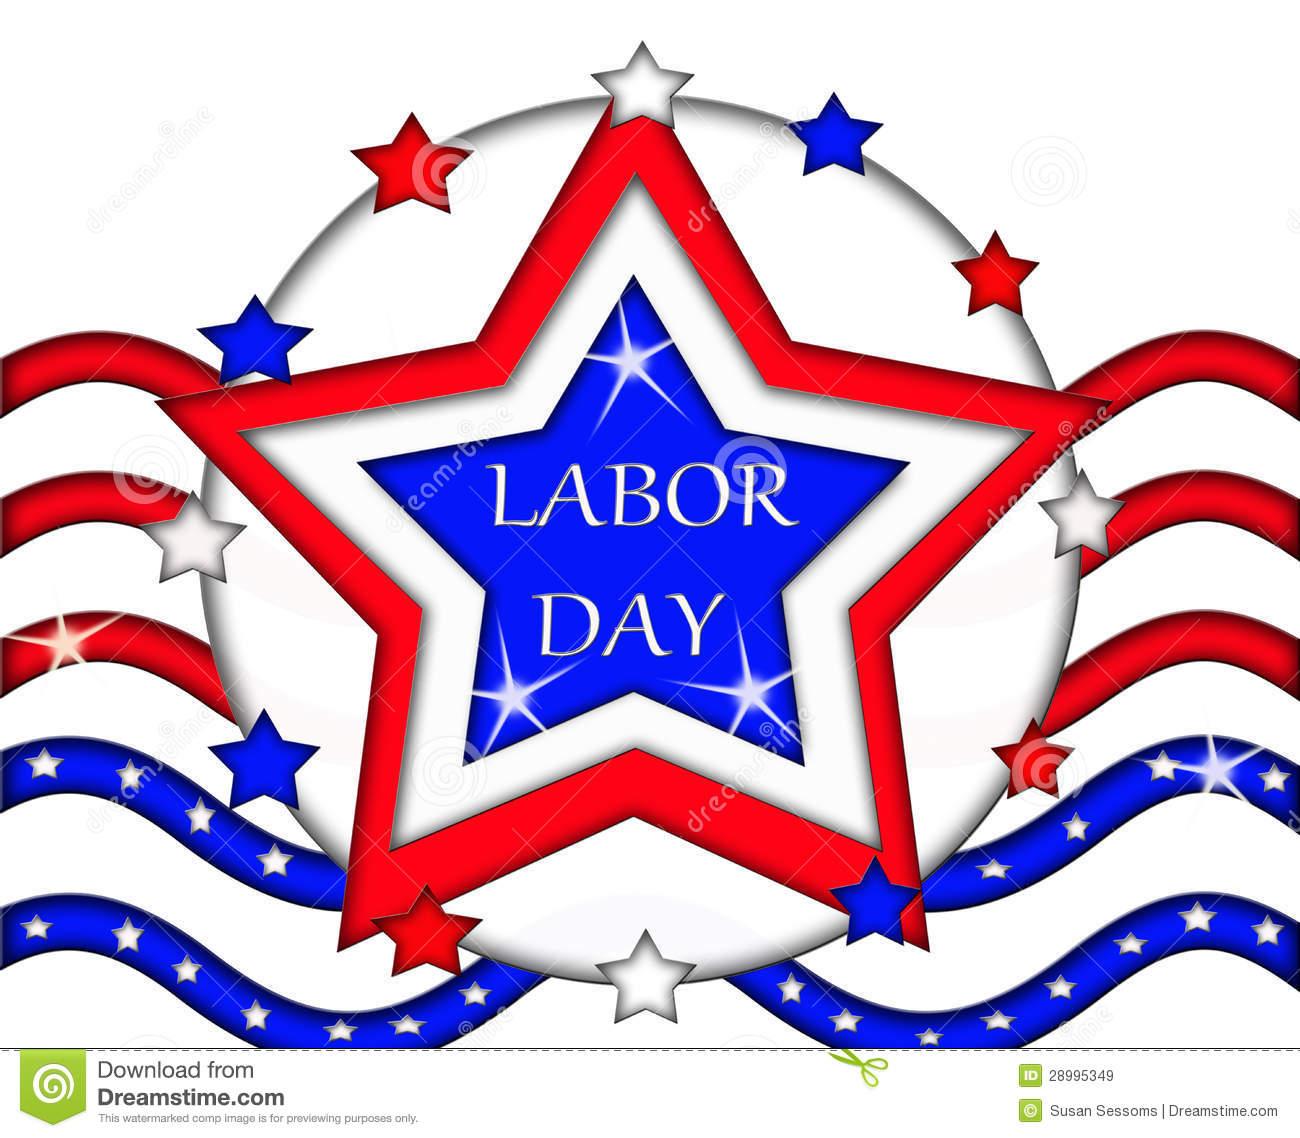 labor day clipart-labor day clipart-12